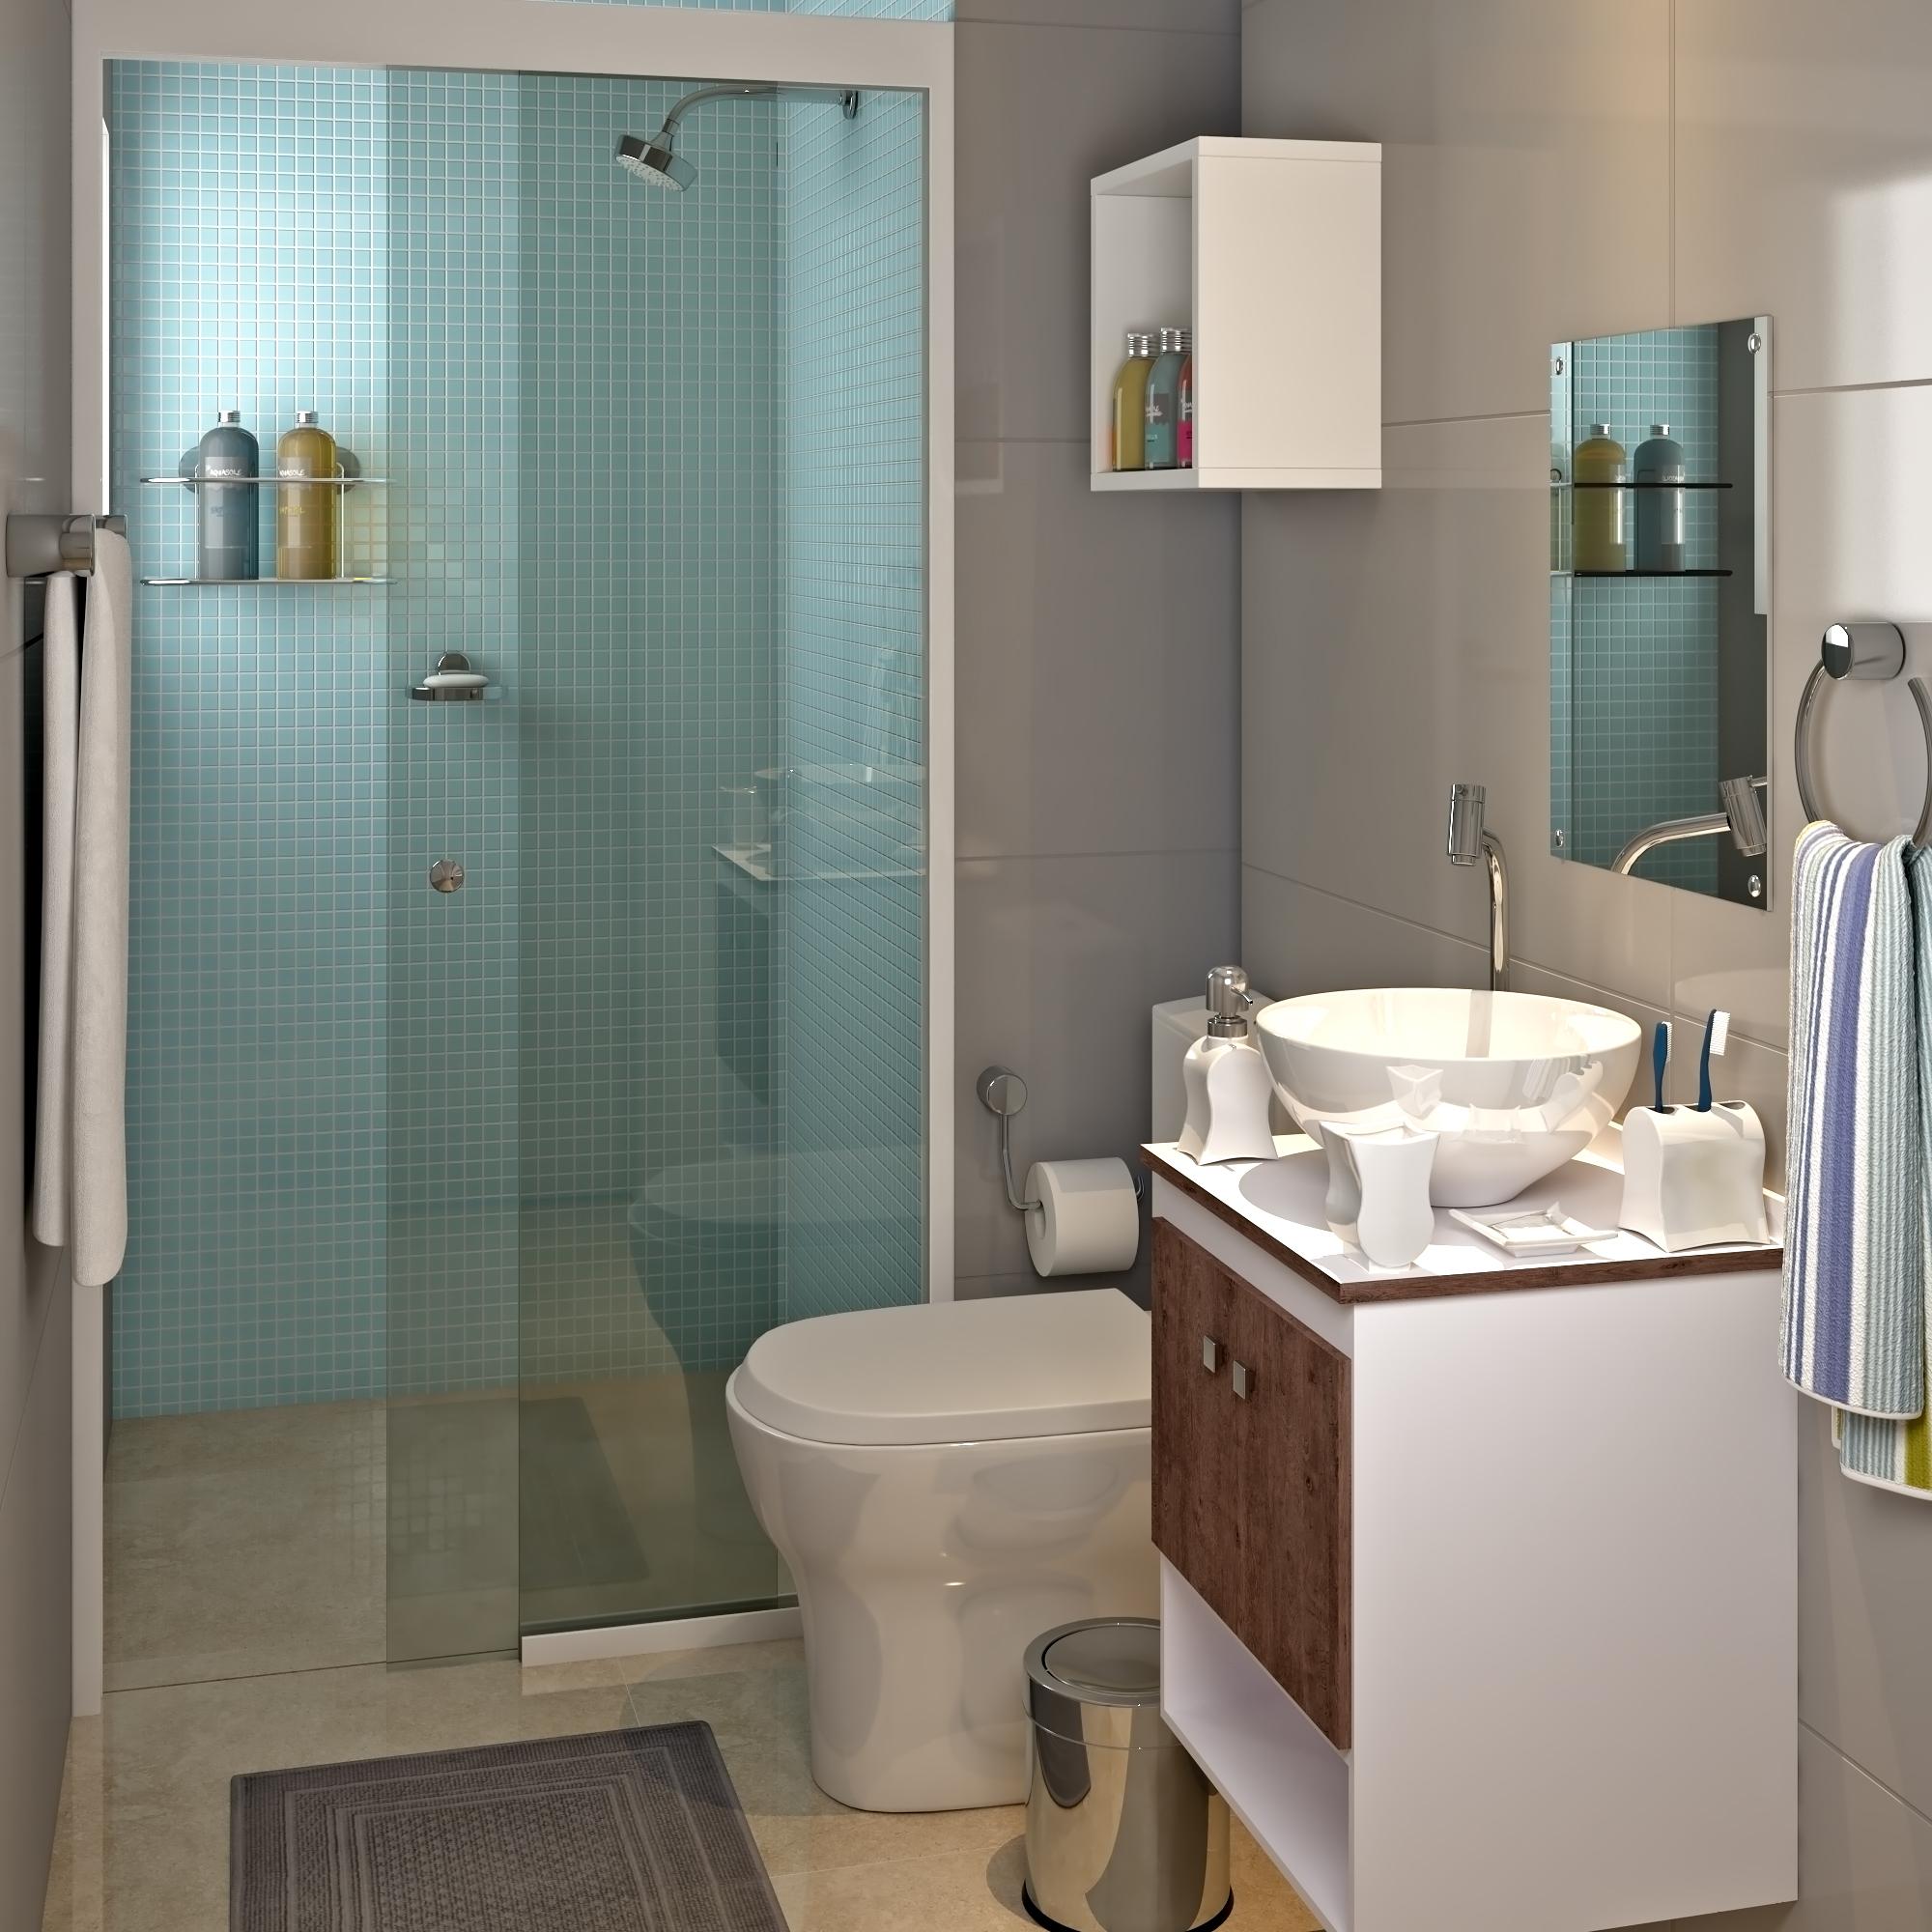 Bathroom Shower Design Ideas Banheiro Pequeno E Simples Decorado Com Pastilha